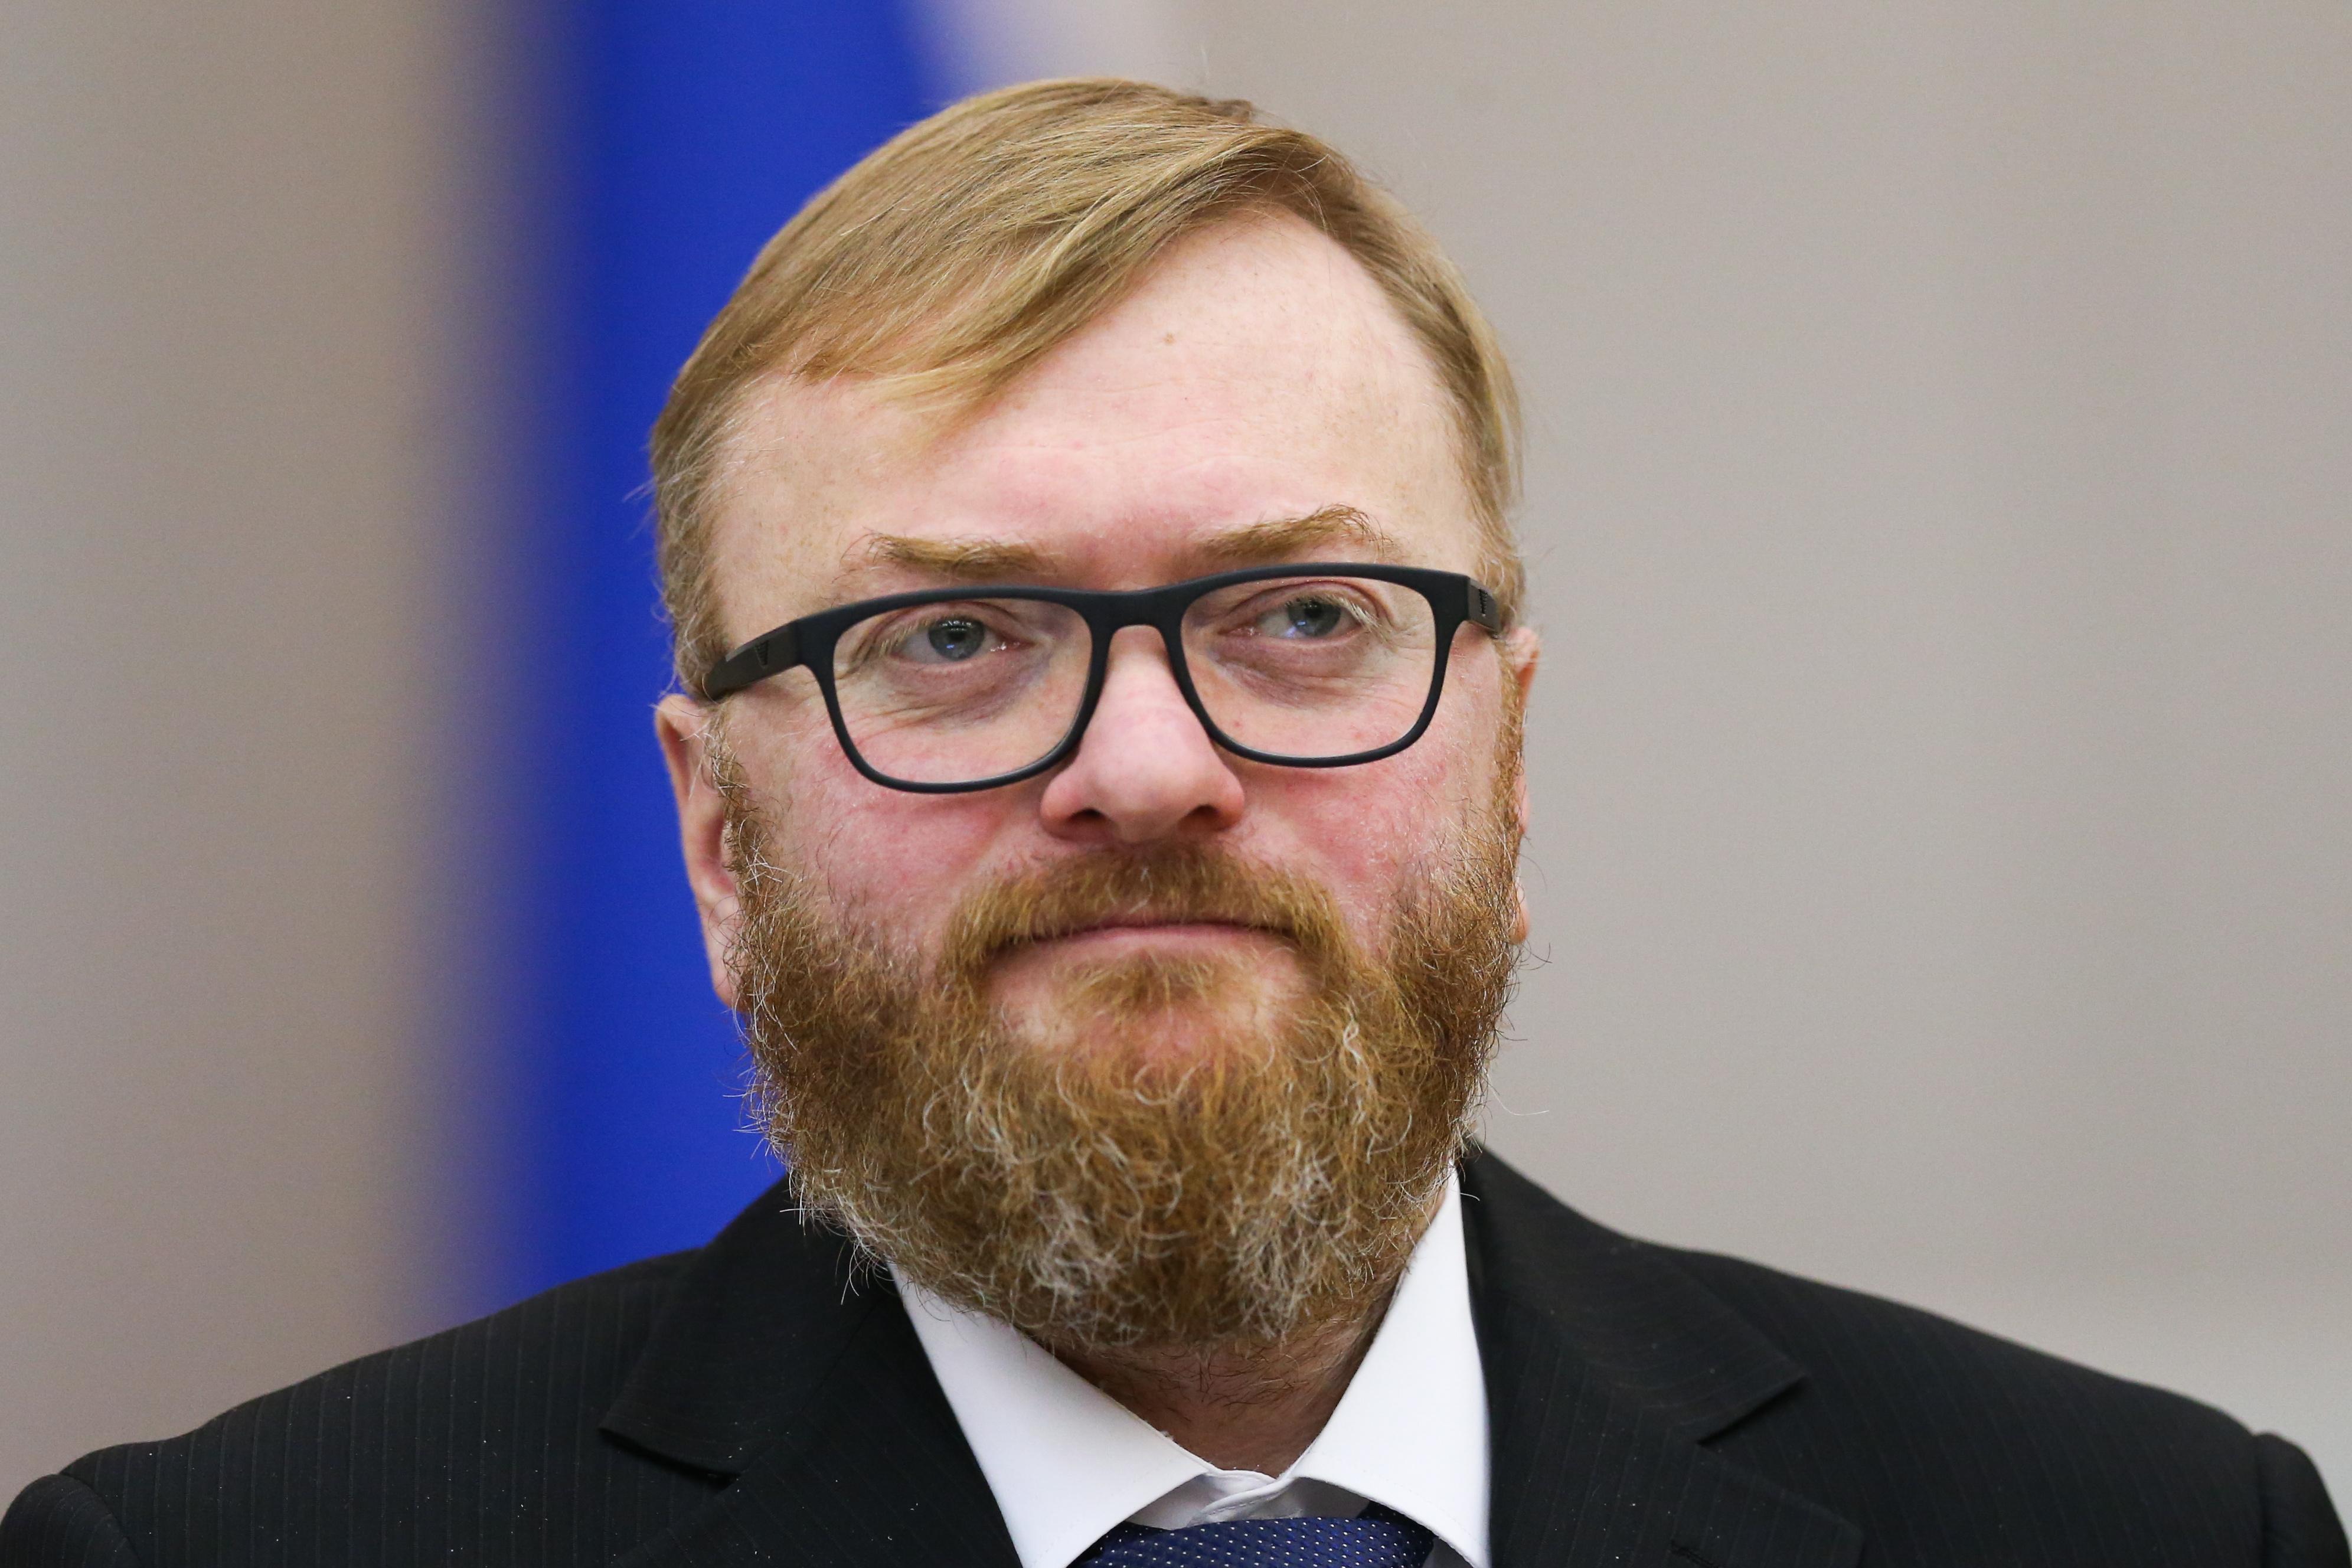 Депутат Госдумы Милонов недоволен вечно выскакивающей физиономией Навального в интернете